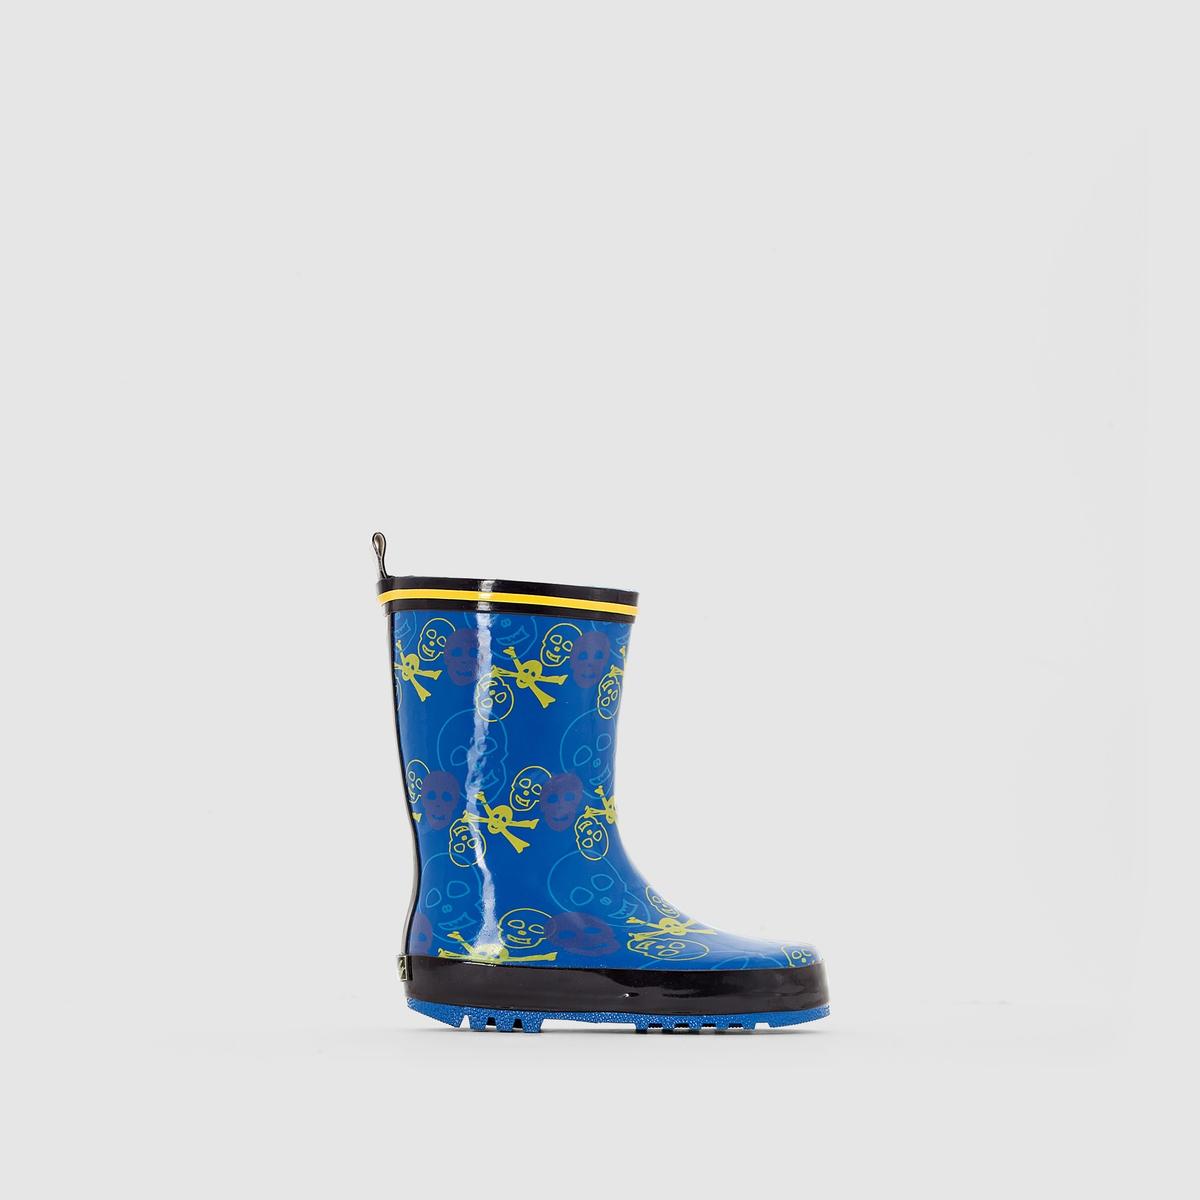 Сапоги резиновые с рисункомНоги в сухости, какое удовольствие играть под дождем в сапогах Poisson от Be Only!<br><br>Цвет: синий/наб. рисунок<br>Размер: 25